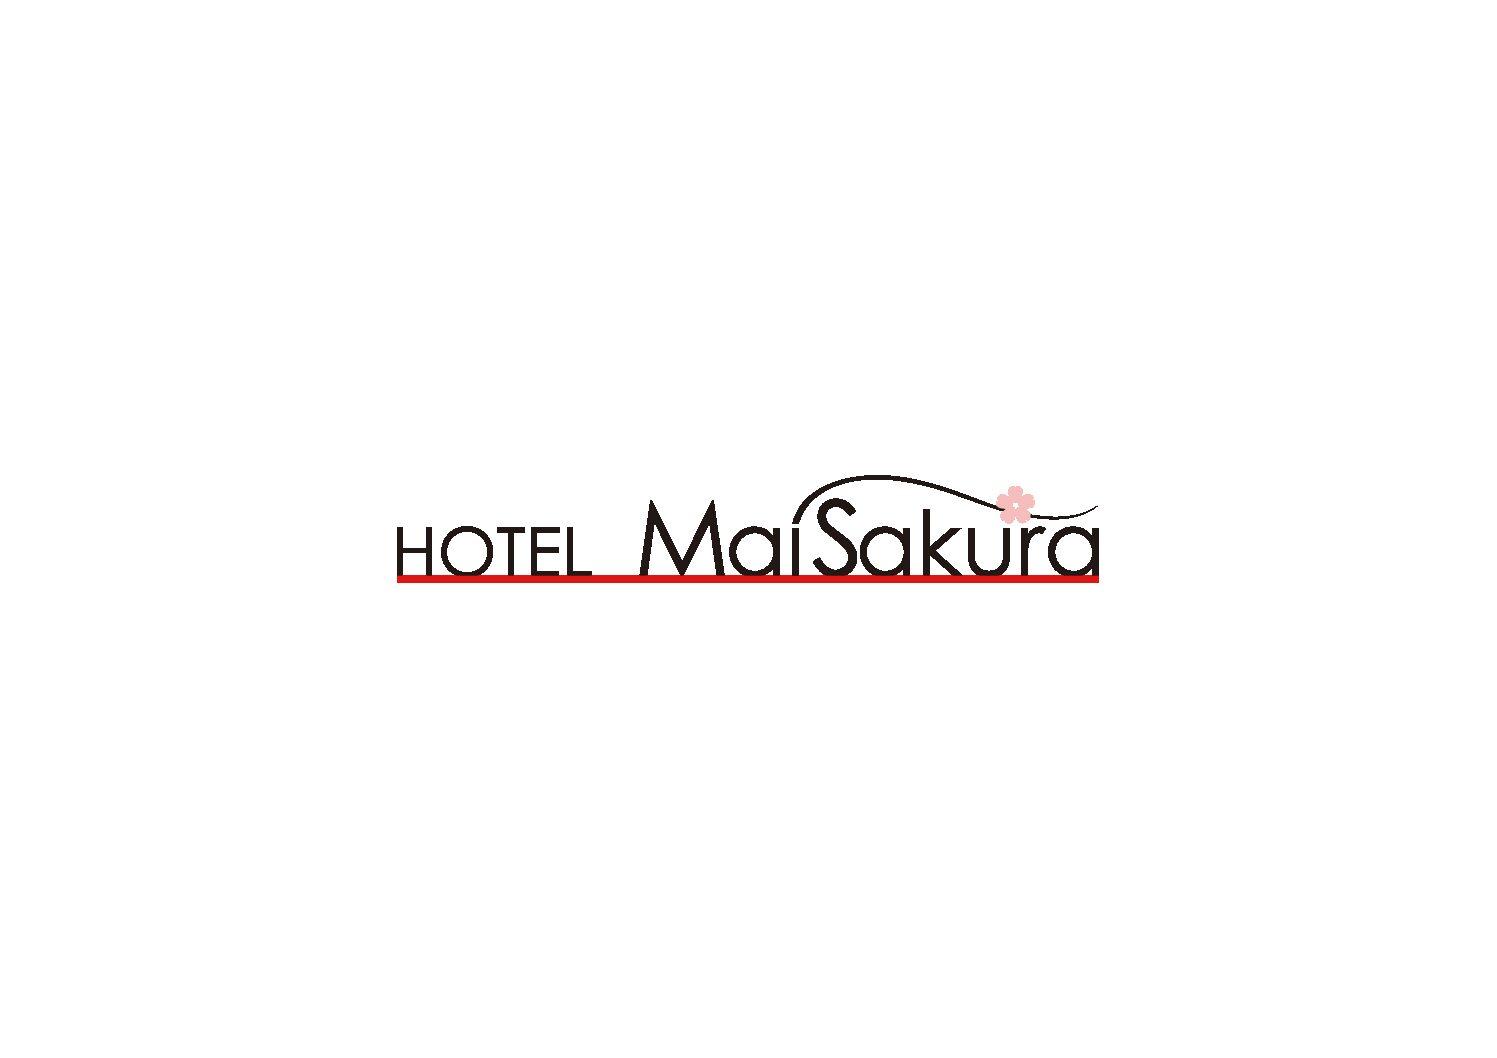 HOTEL MaiSakura 奈良